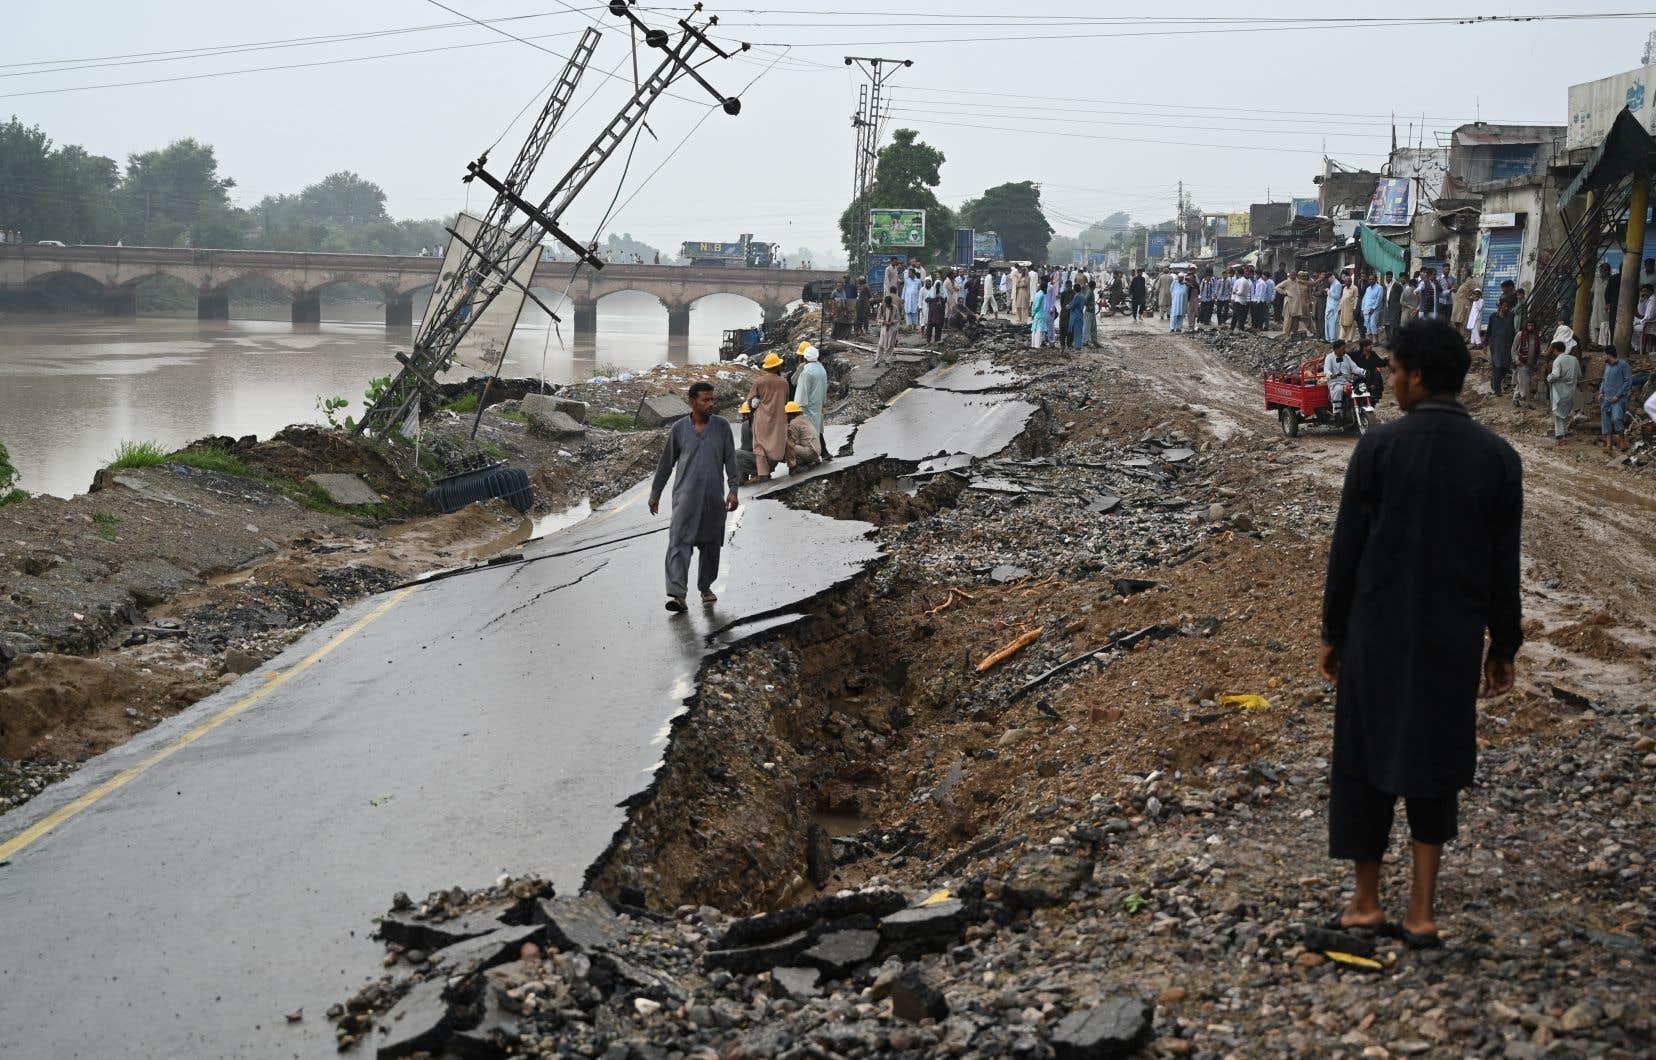 Le bilan de la catastrophe continue de monter, alors que les secouristes arrivent dans des villages reculés et comptabilisent des décès qui n'avaient jusqu'alors pas été rapportés aux autorités.